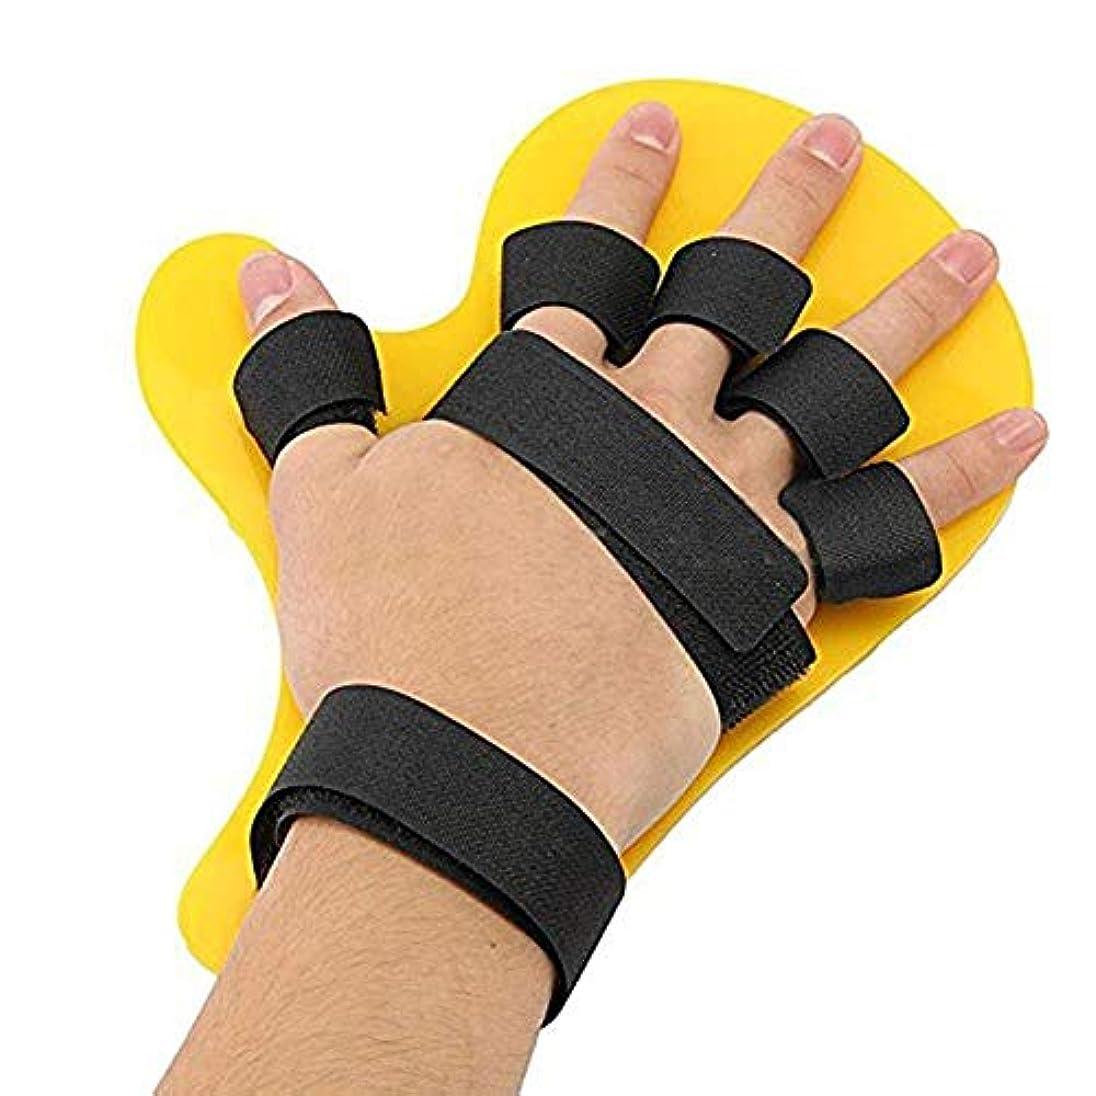 インレイ虐殺安全指の骨折、創傷、術後のケアと痛みの軽減のための指の添え木、指板指の分離器矯正装具ポイント (Size : 1pairs)